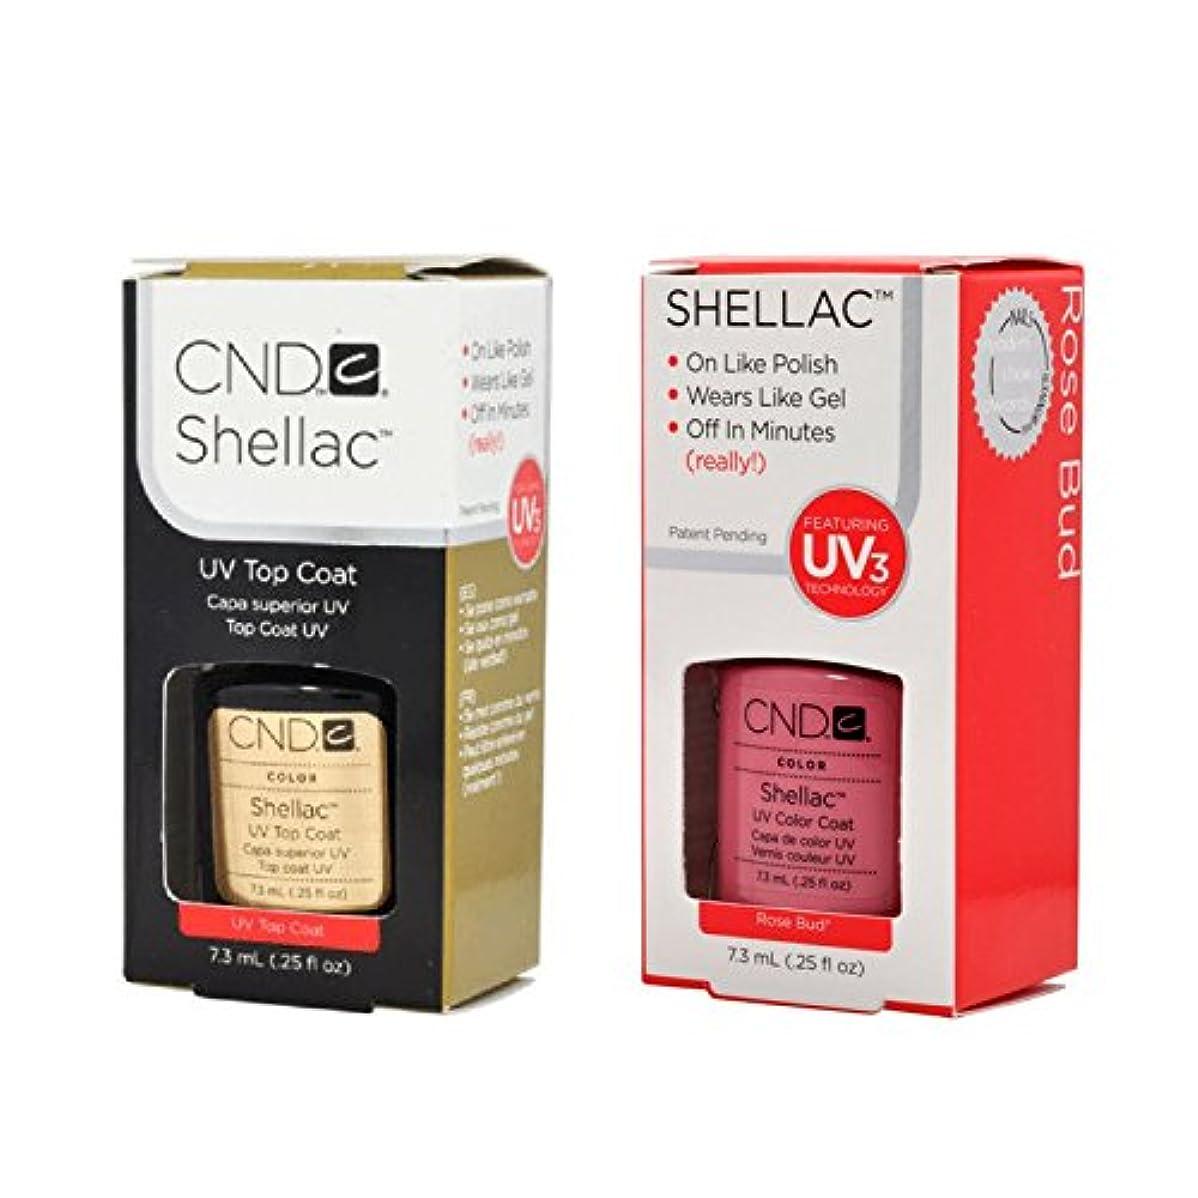 資源城前にCND Shellac UVトップコート 7.3m l  &  UV カラーコー< Rose Bud>7.3ml [海外直送品]